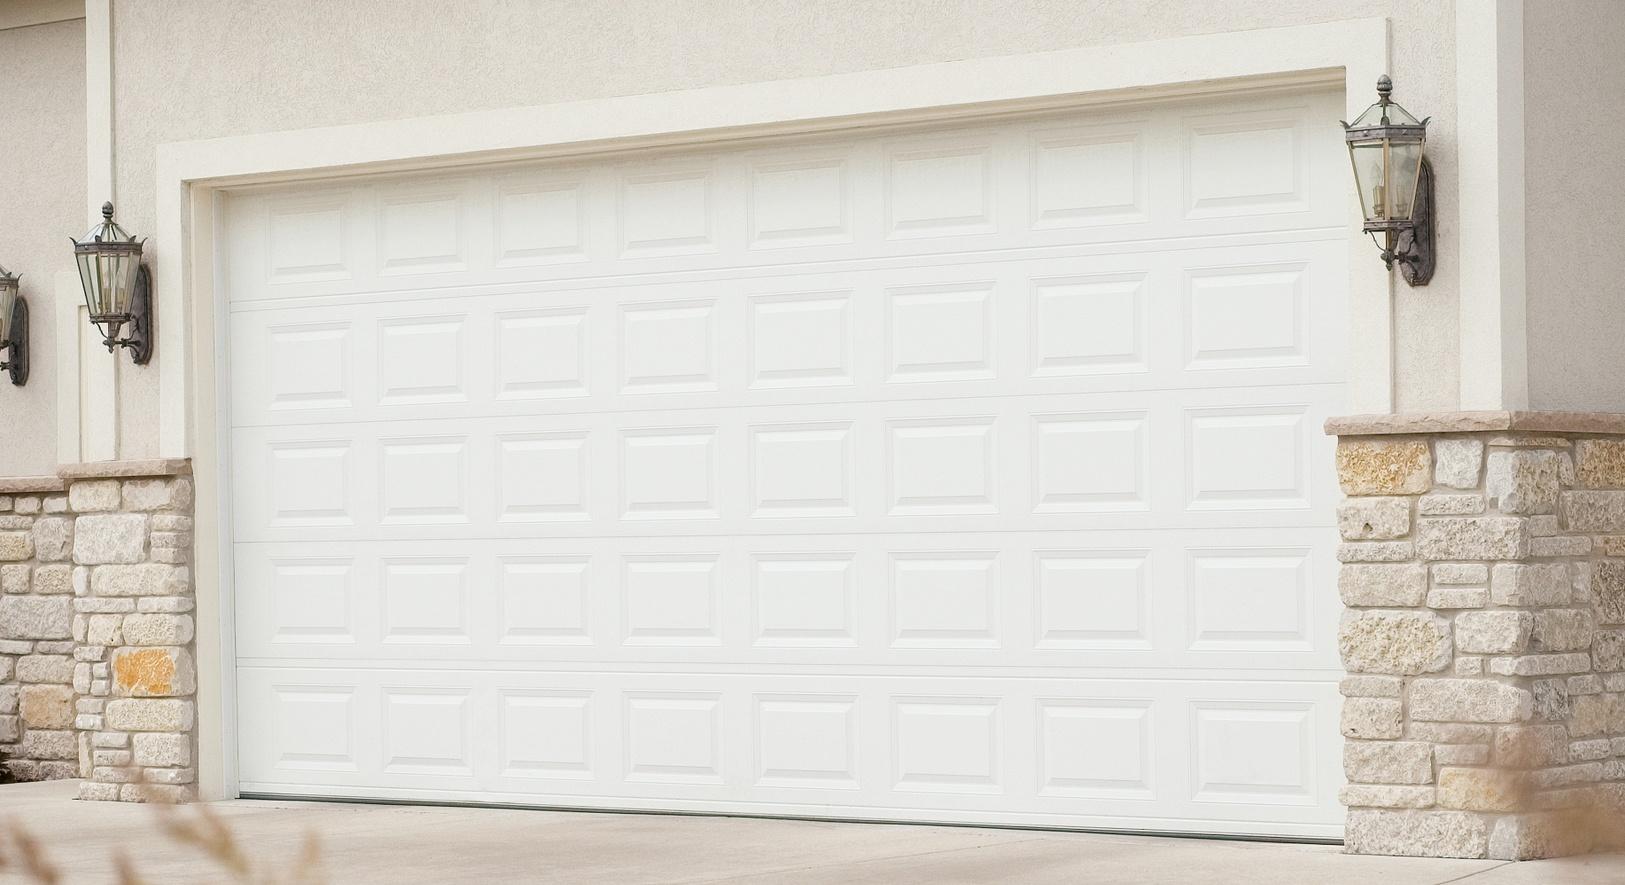 Residential Garage Doors Austin Overhead Door Company